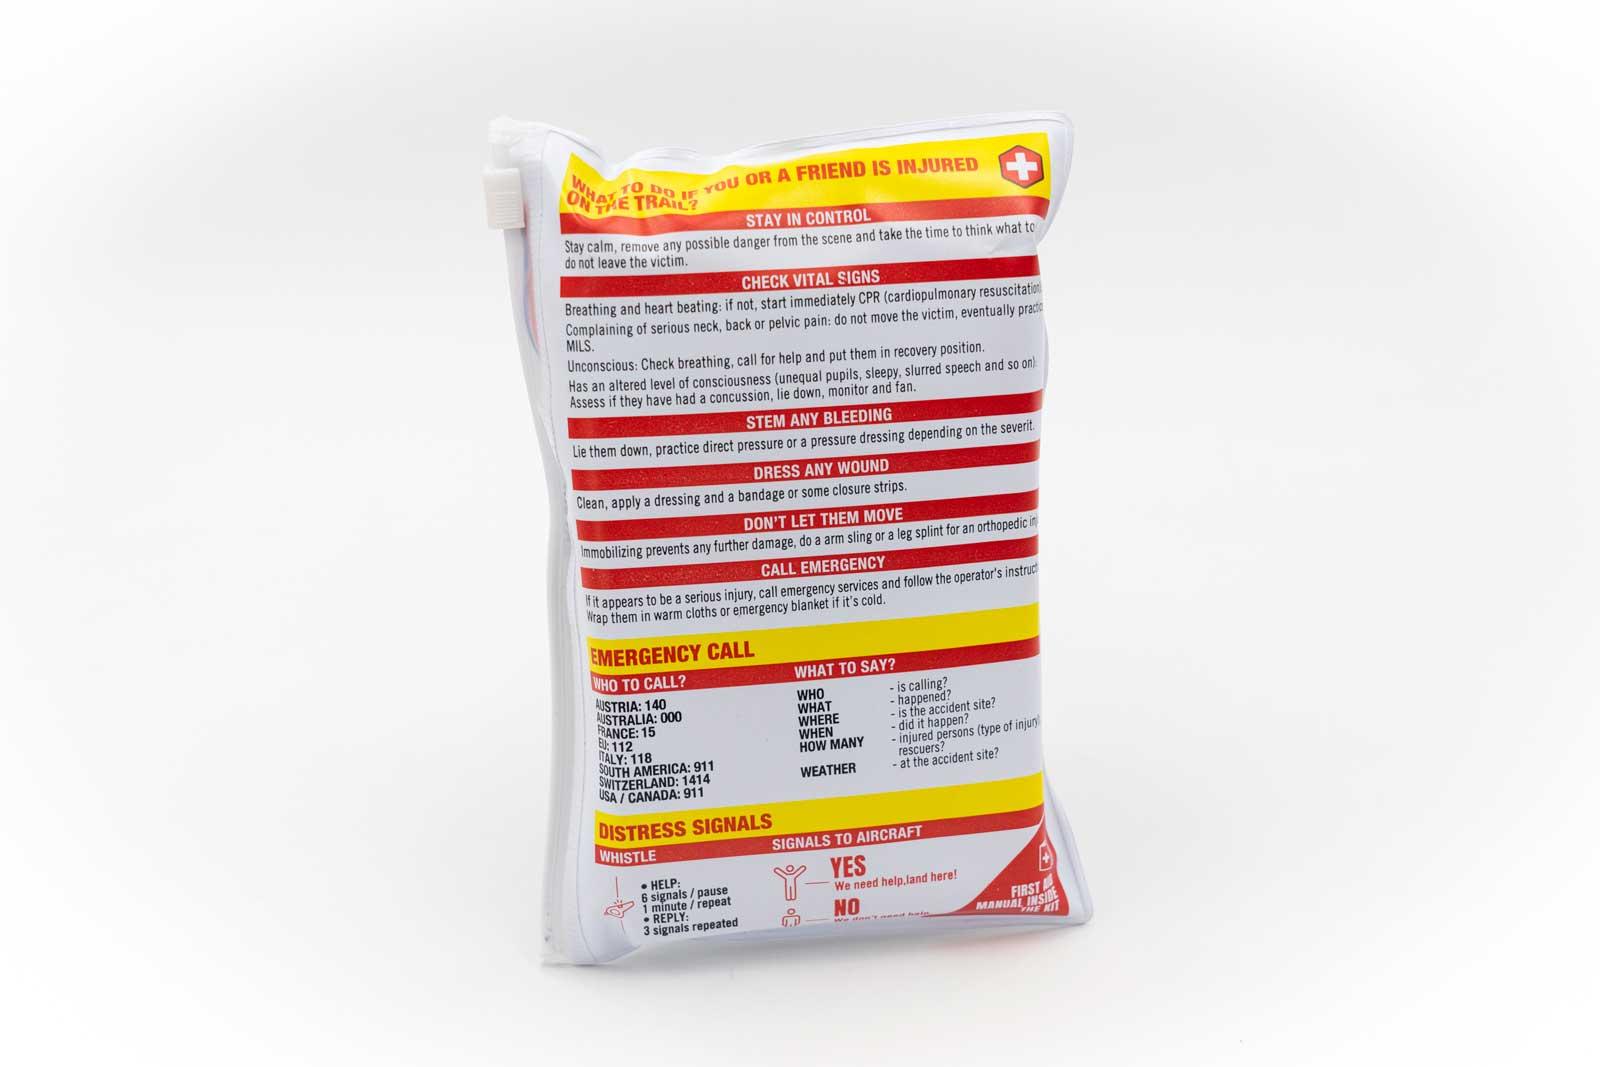 sendit mtb first aid kit advice on rear